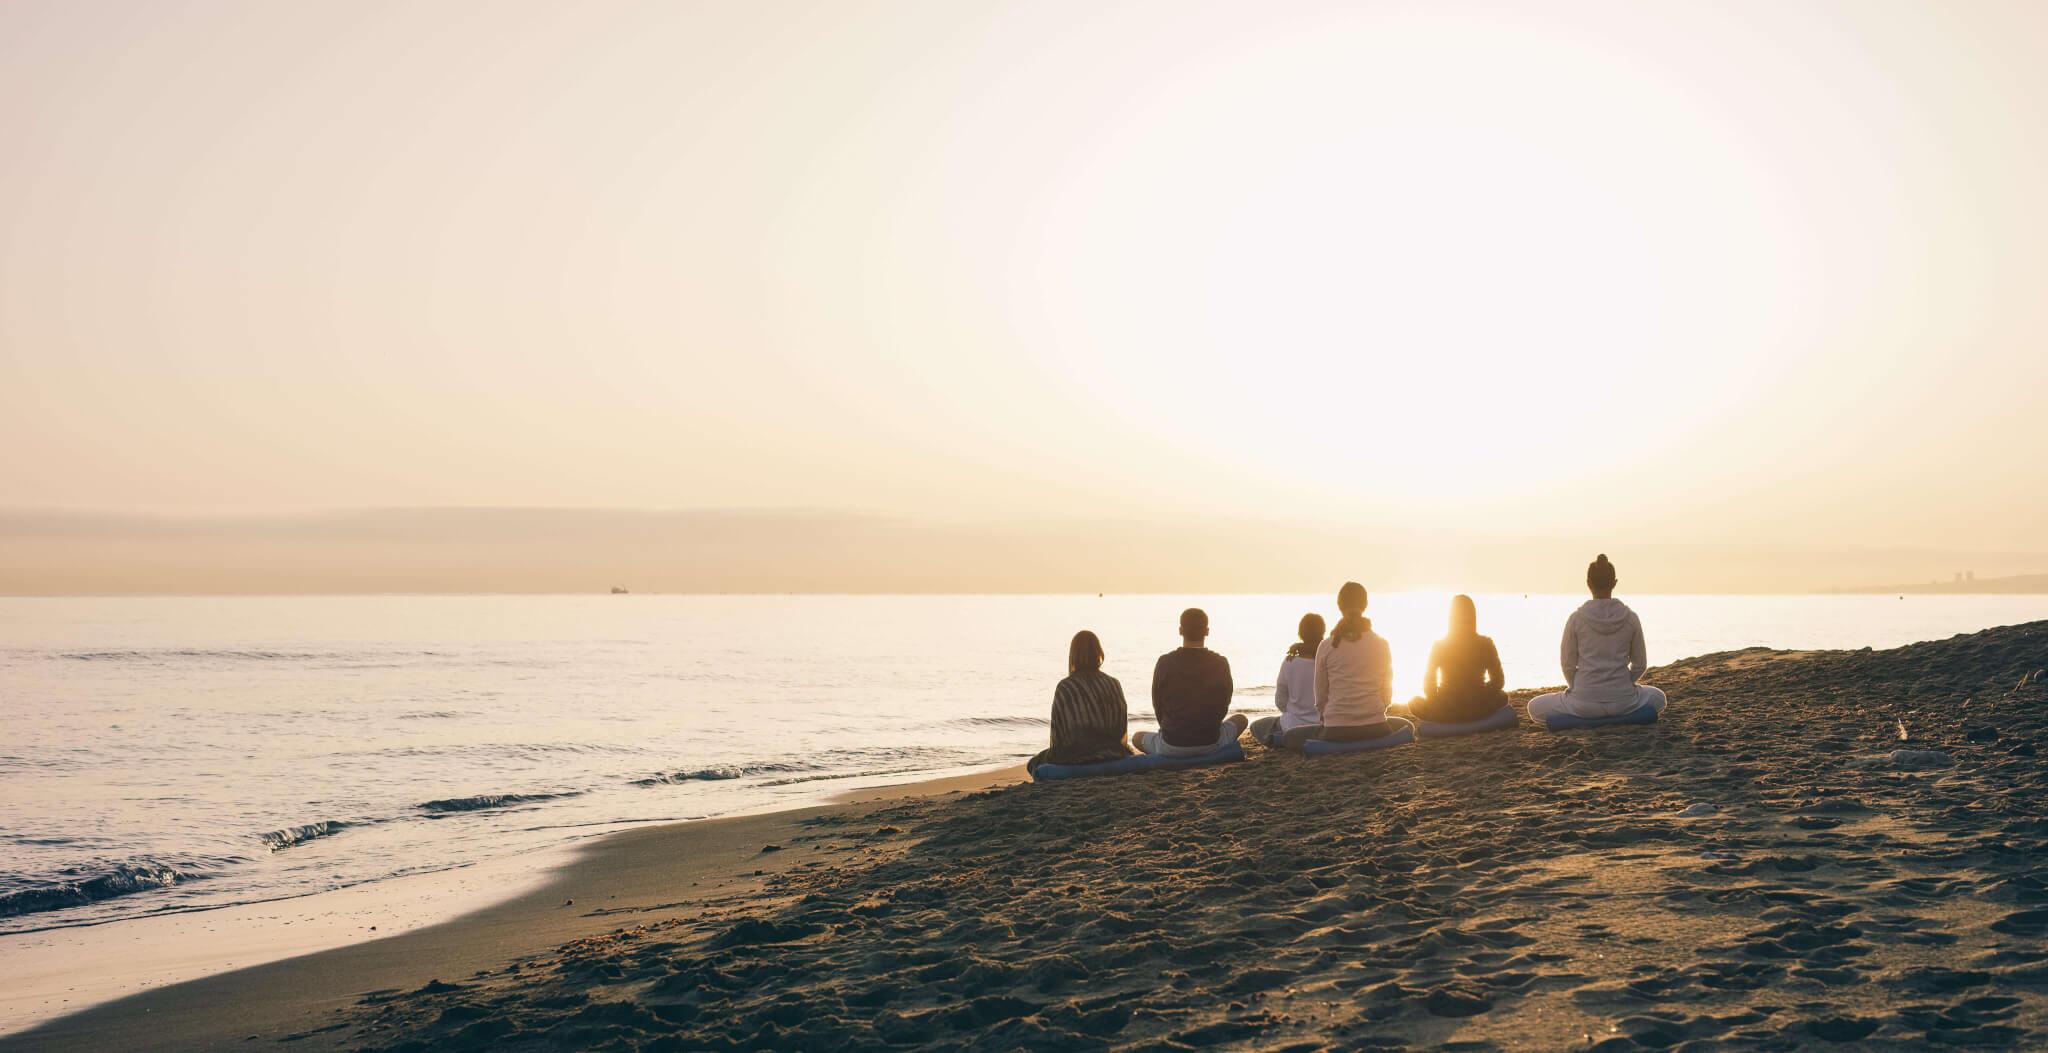 Buchinger Wilhelmi, Fasten, Heilfasten, Fasting, Health, Medicina integrativa, ayuno, salud, Integrative Medicine, Zen Marbella, Meditation, playa, mar, meditación, sunset